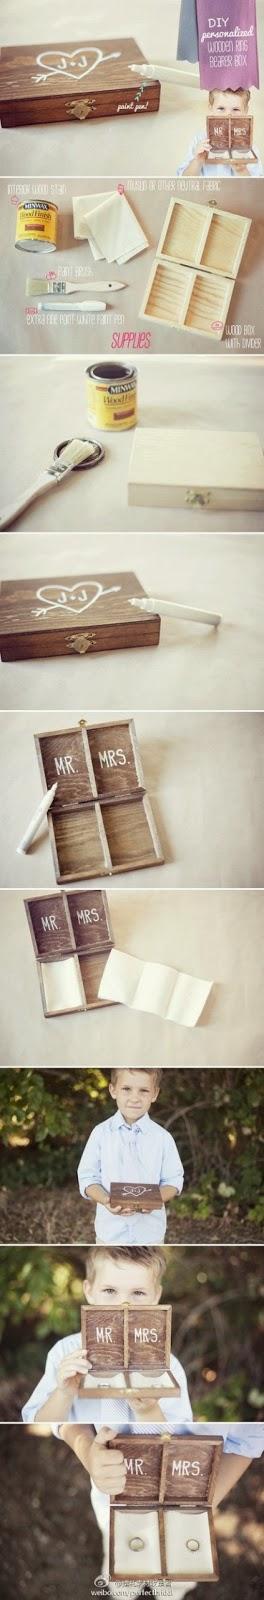 decoracao casamento faca voce mesma: Classe: Tutoriais Decoração Casamento DIY: Faça Você Mesmo/Mesma